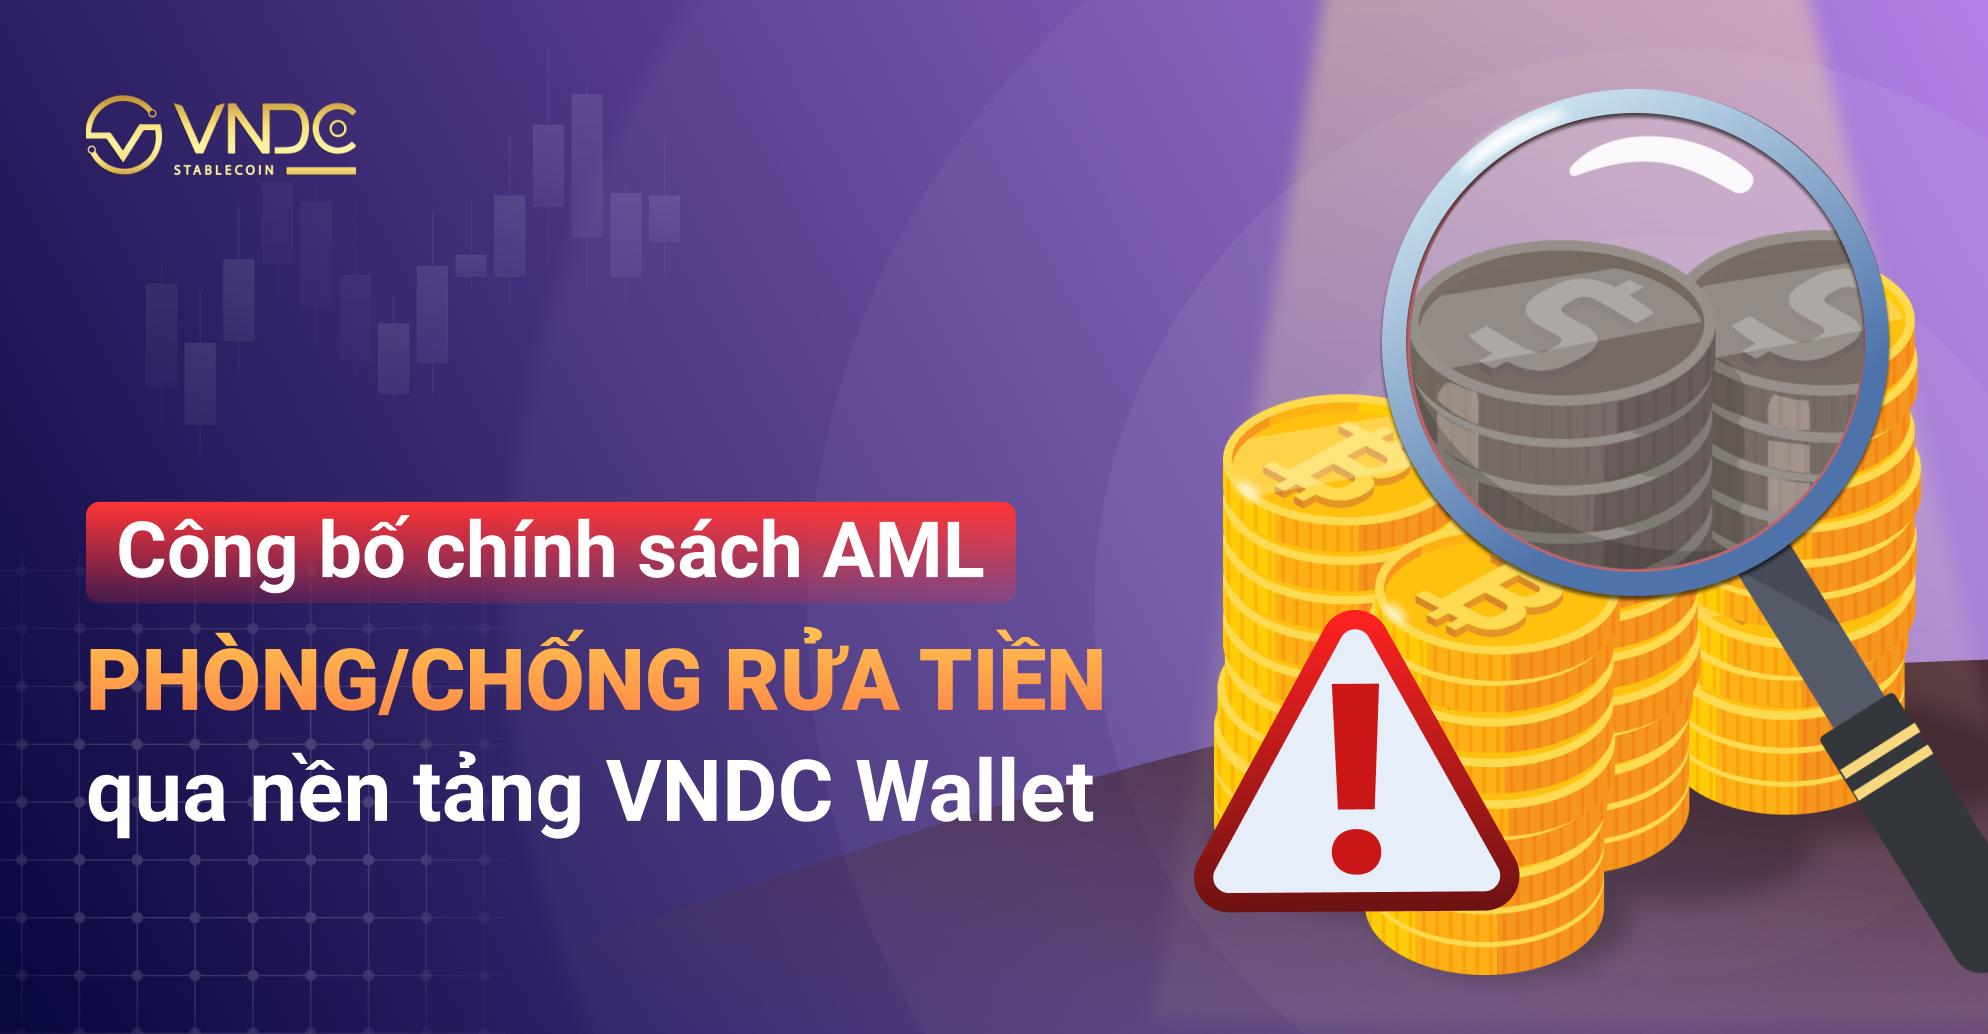 VNDC công bố chính sách AML phòng/chống rửa tiền qua nền tảng VNDC Wallet